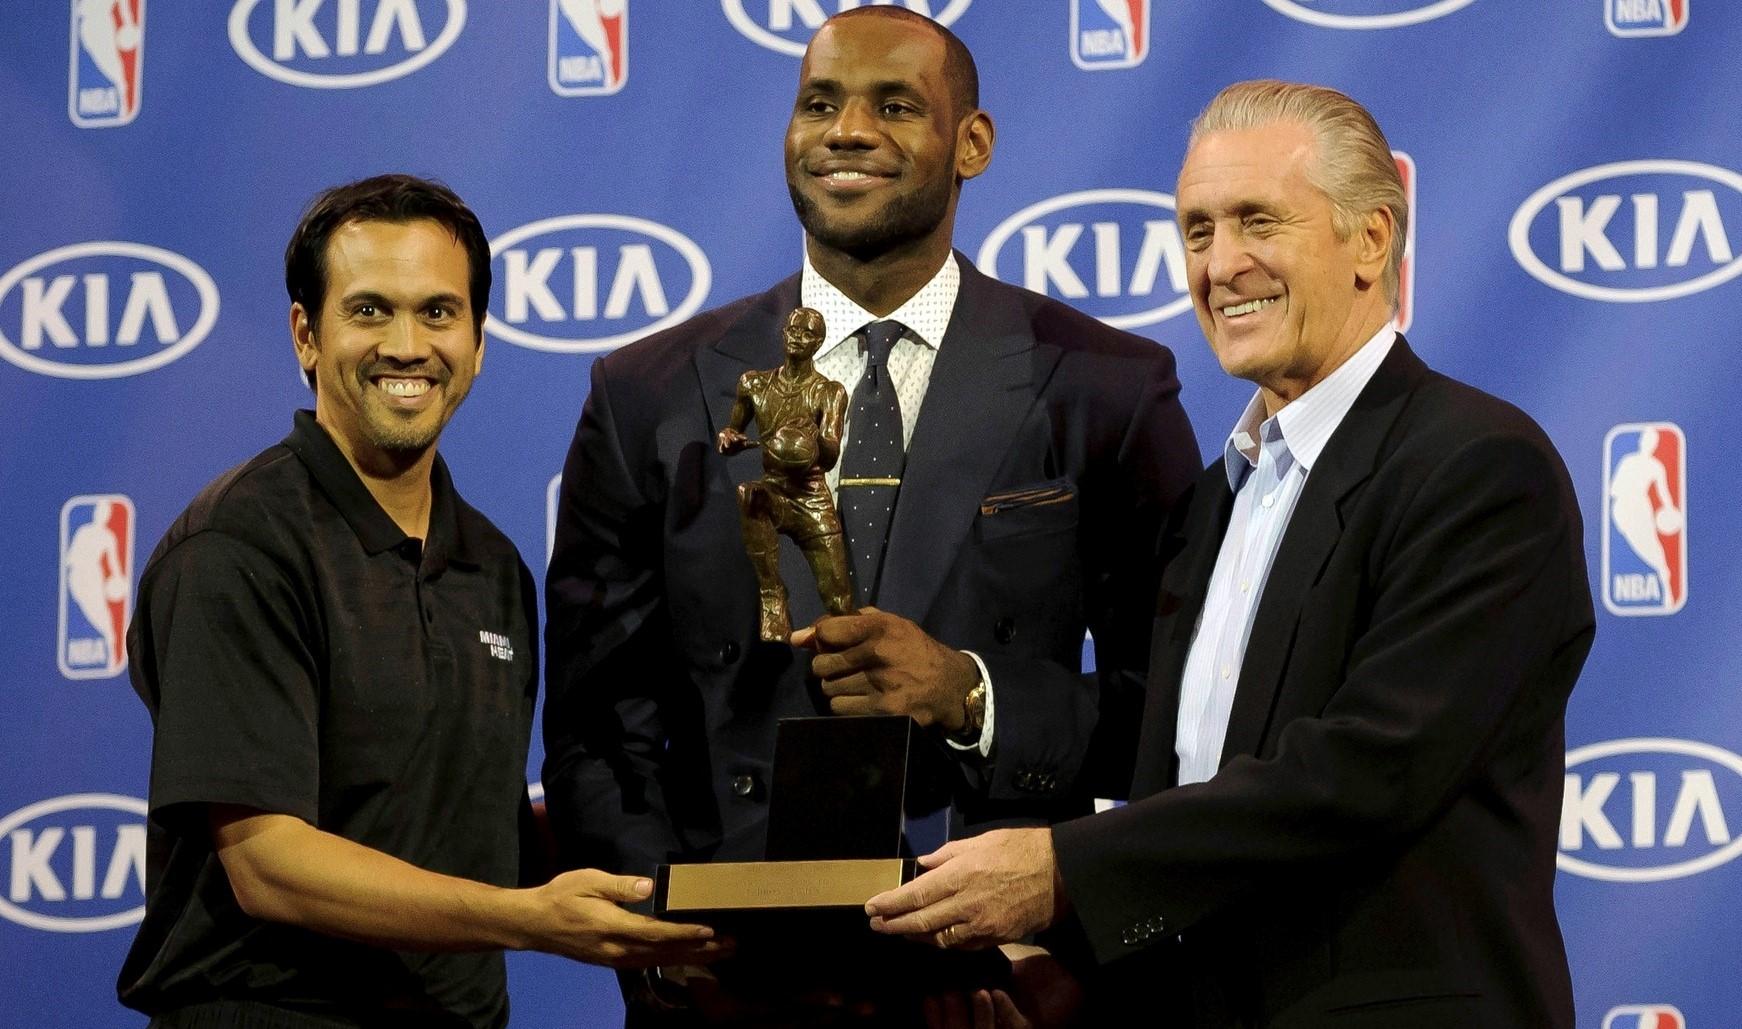 بسکتبال NBA - میامی هیت - بوستون سلتیکس